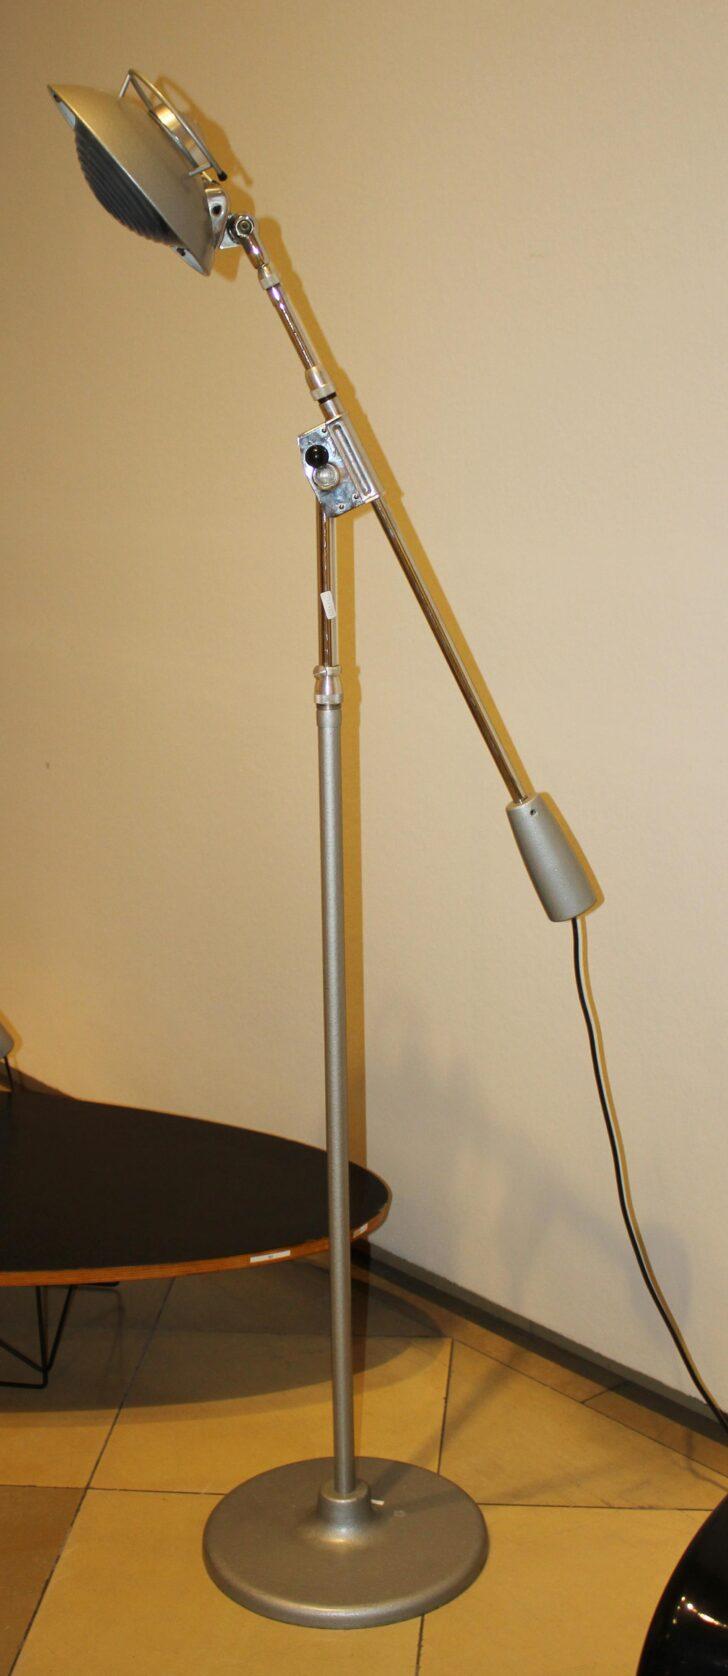 Medium Size of Stehlampe Modern Stehleuchte Im Industriedesign Stehlampen Wohnzimmer Moderne Deckenleuchte Küche Weiss Tapete Modernes Bett 180x200 Schlafzimmer Sofa Bilder Wohnzimmer Stehlampe Modern